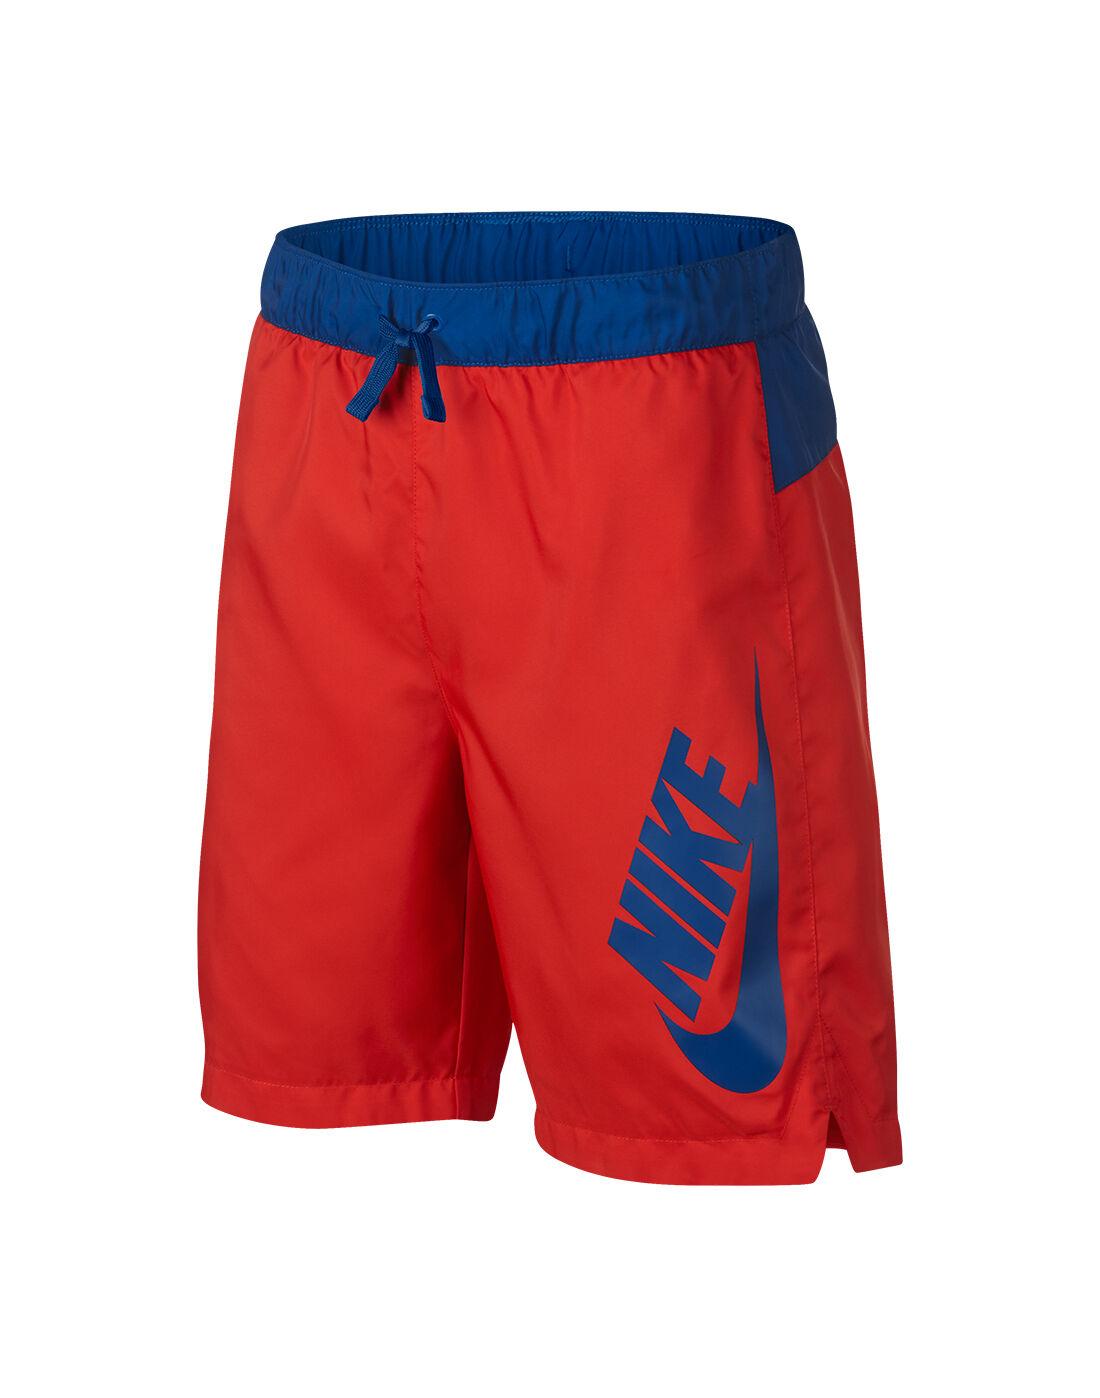 Blue Nike Shorts | Life Style Sports